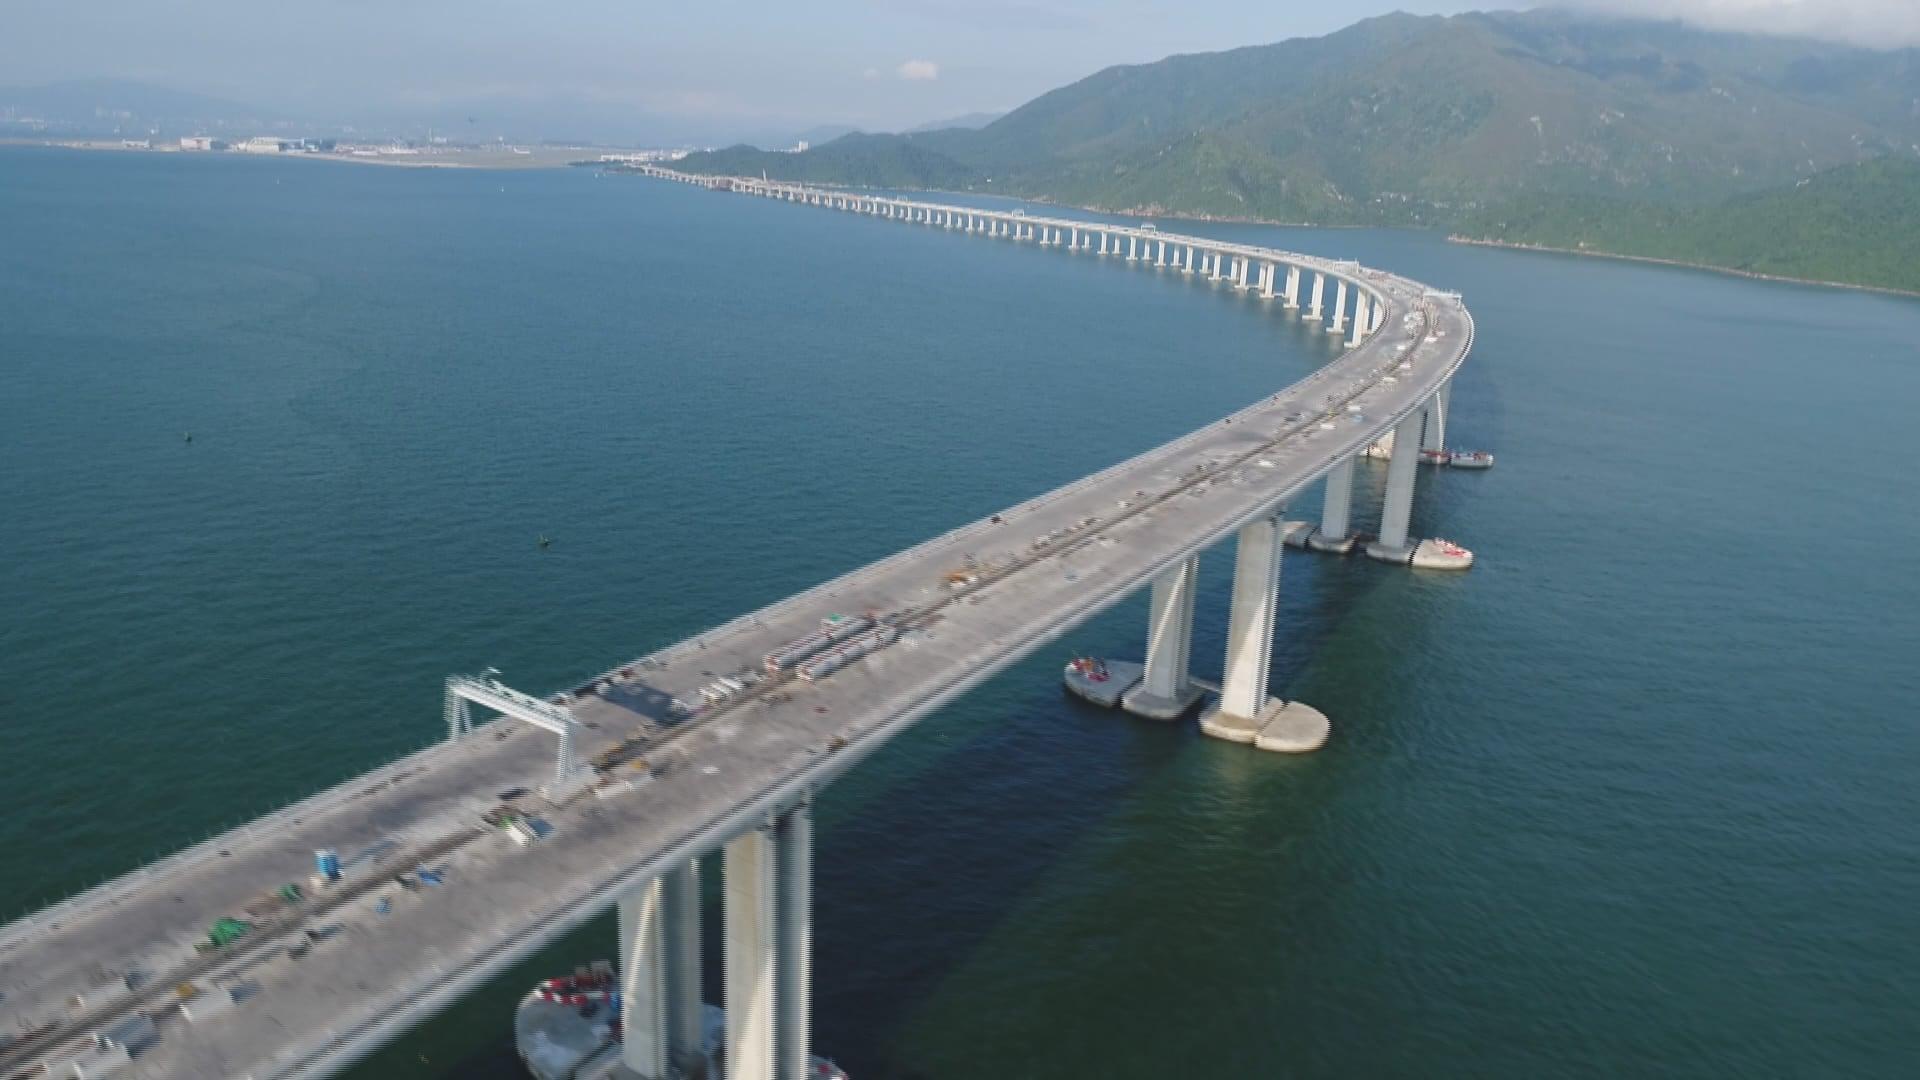 بلندترین پل دریایی جهان که هنگ کنگ و چین را به هم متصل کرده است